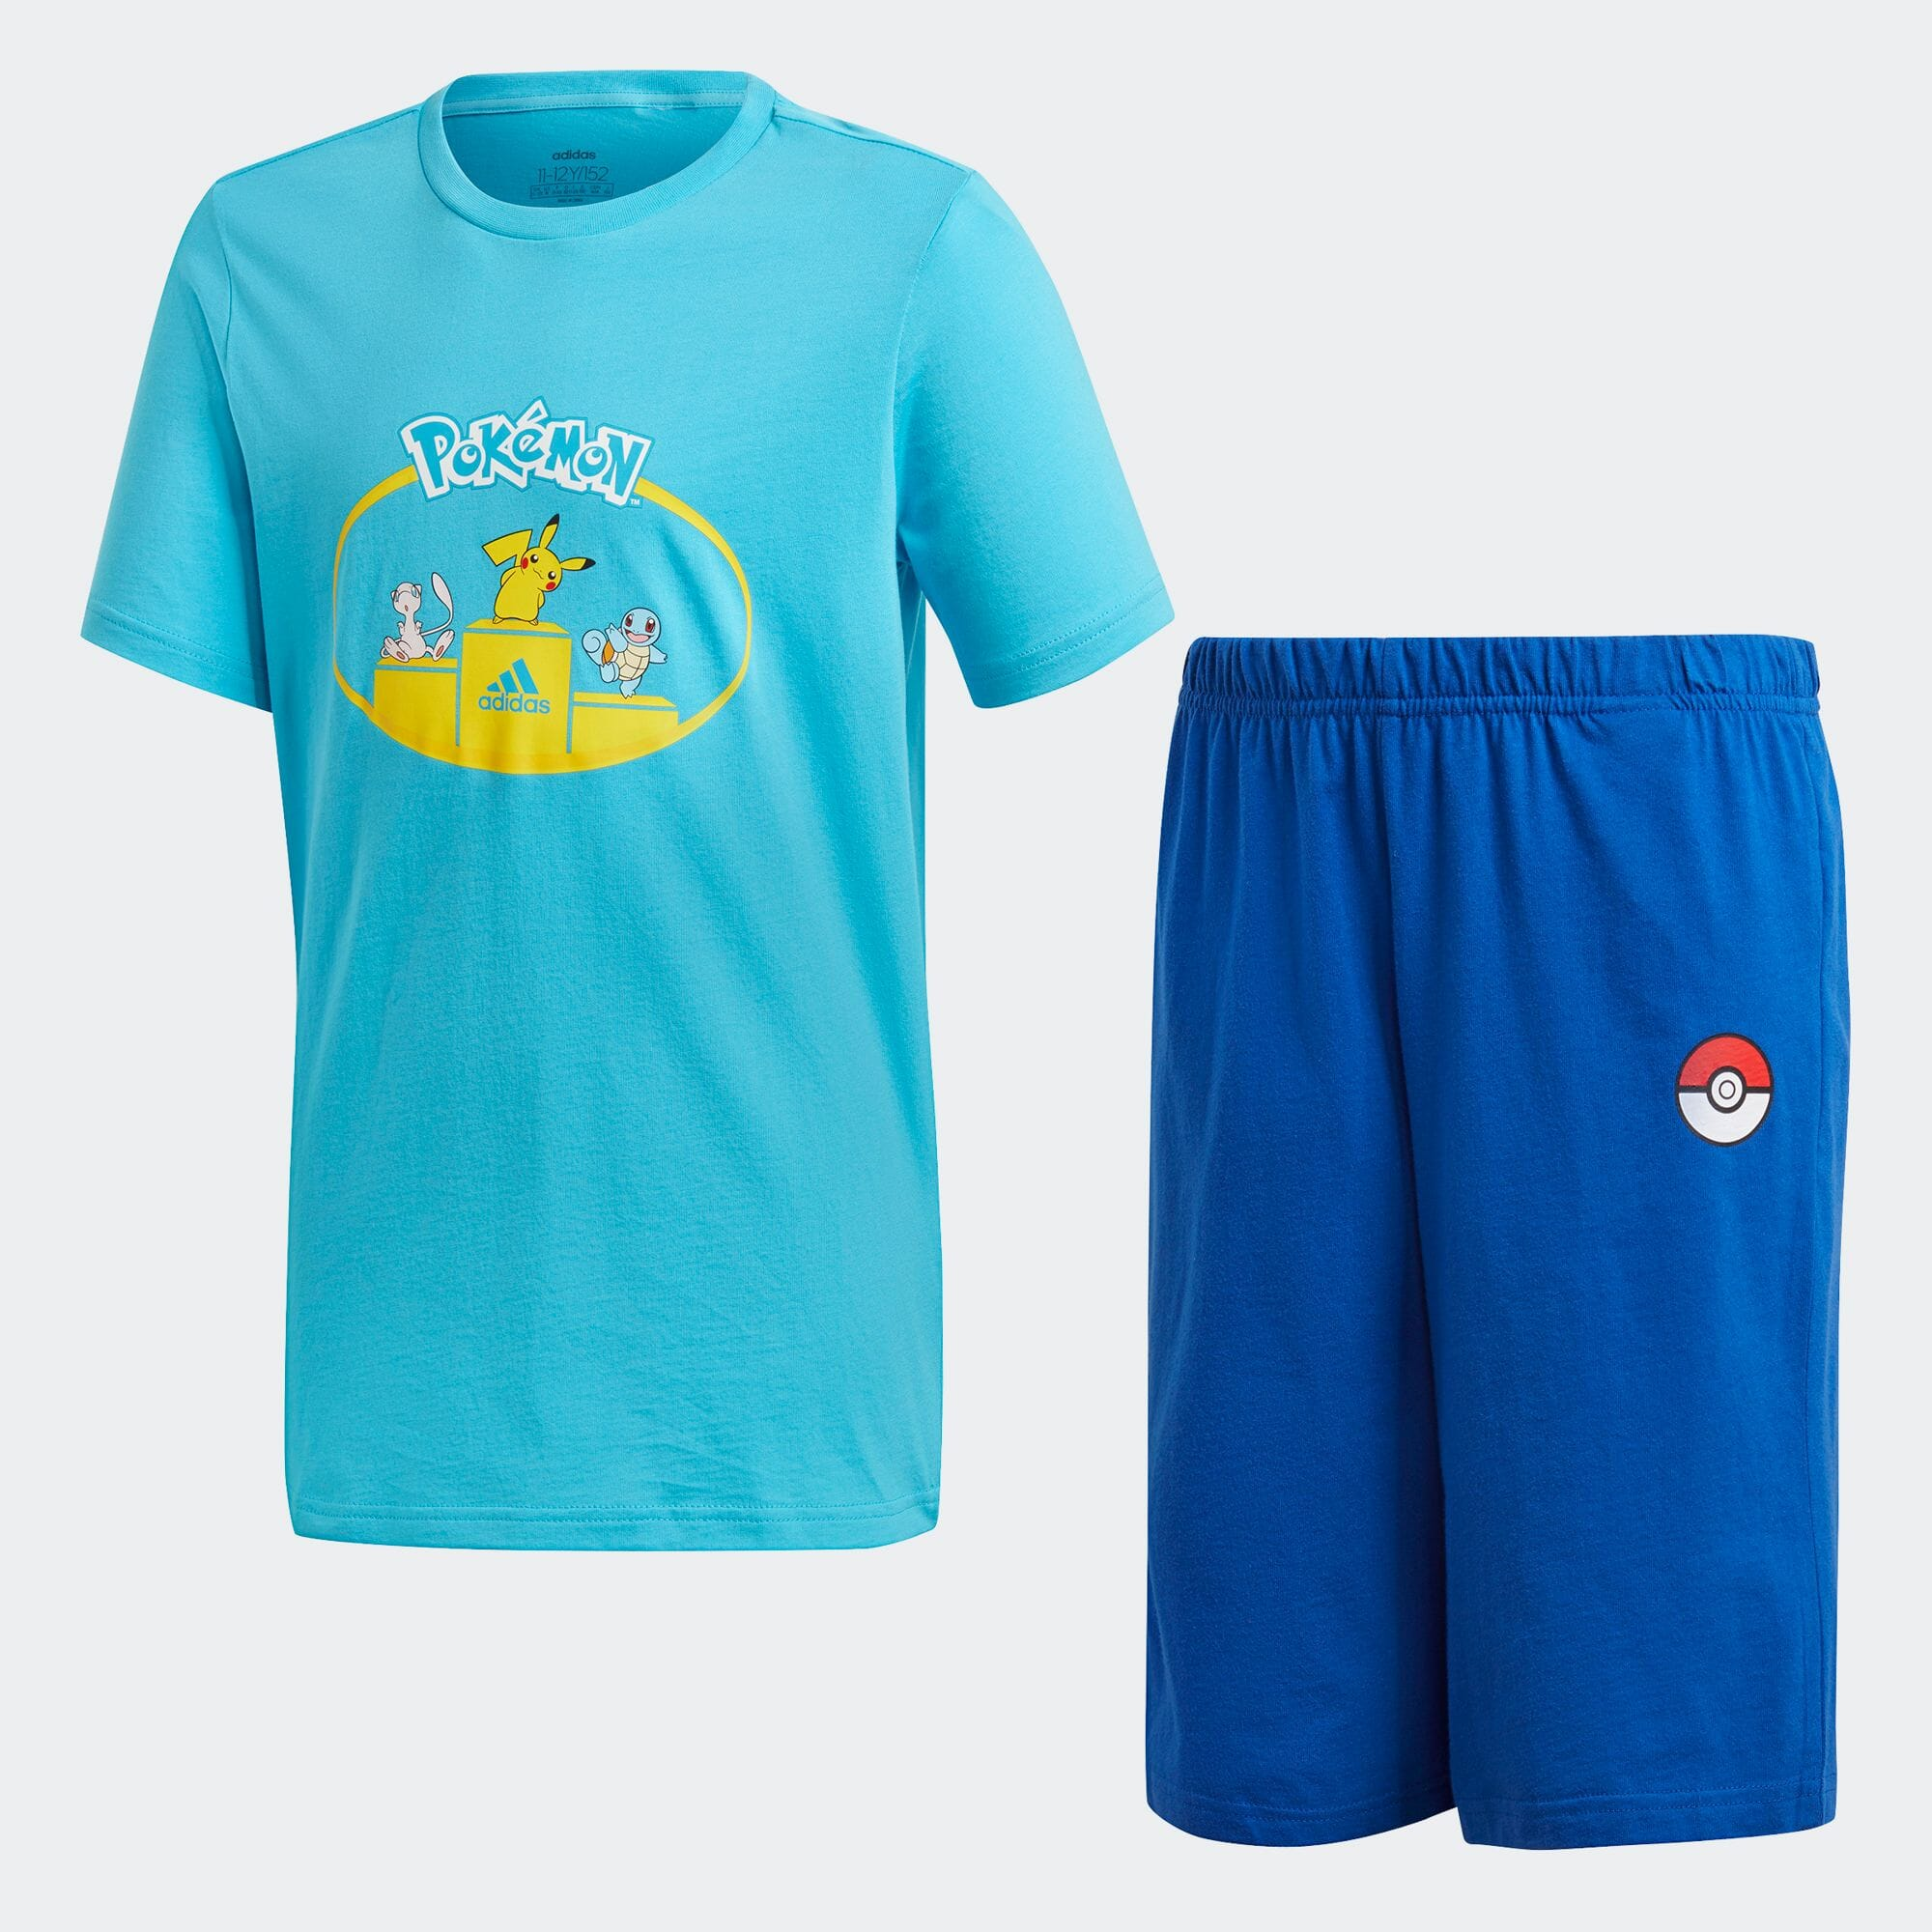 ポケモン 半袖セットアップ / Pokemon Short Sleeve Set